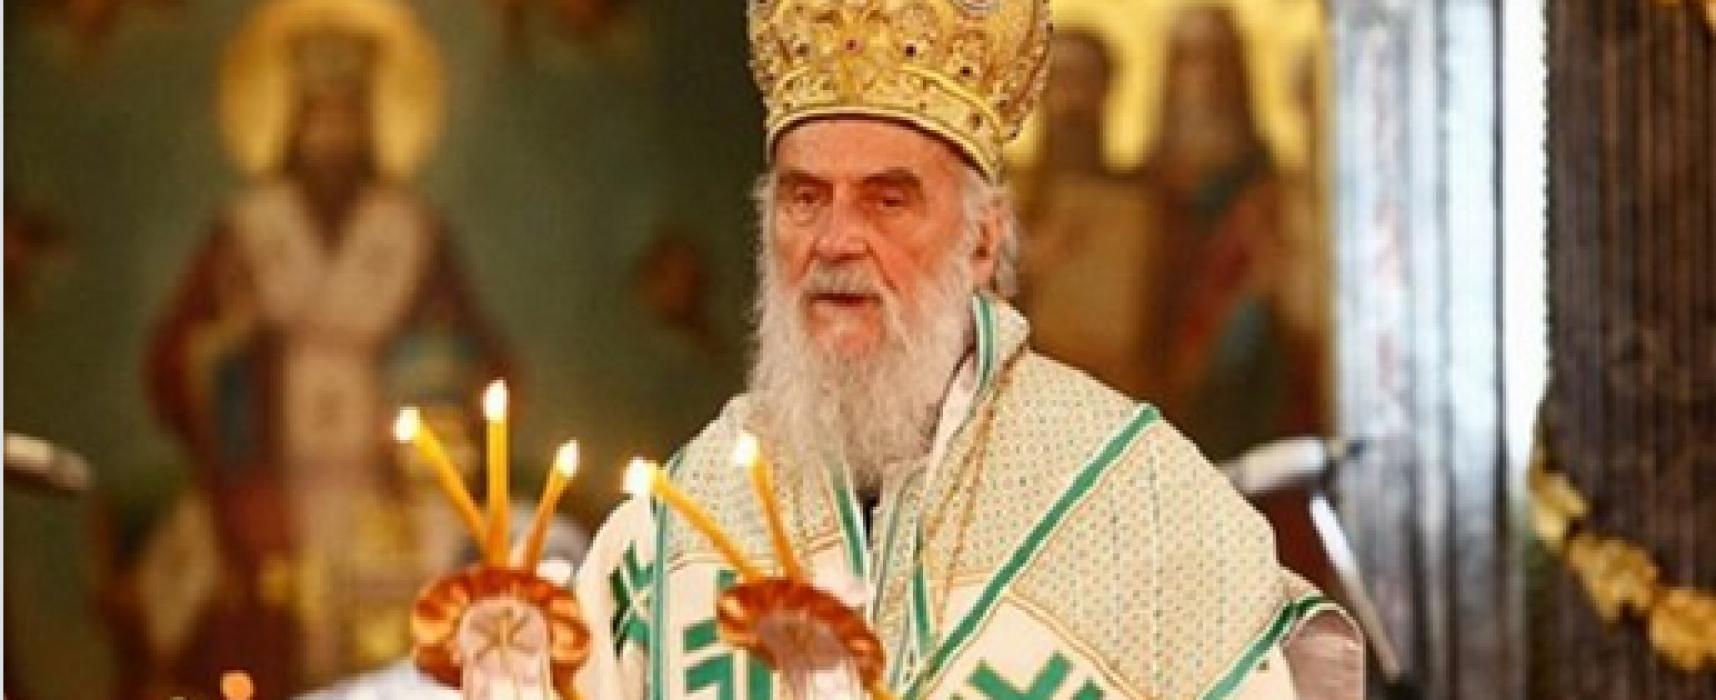 Česká pravoslavná církev – pravá ruka RPC? Část 1.